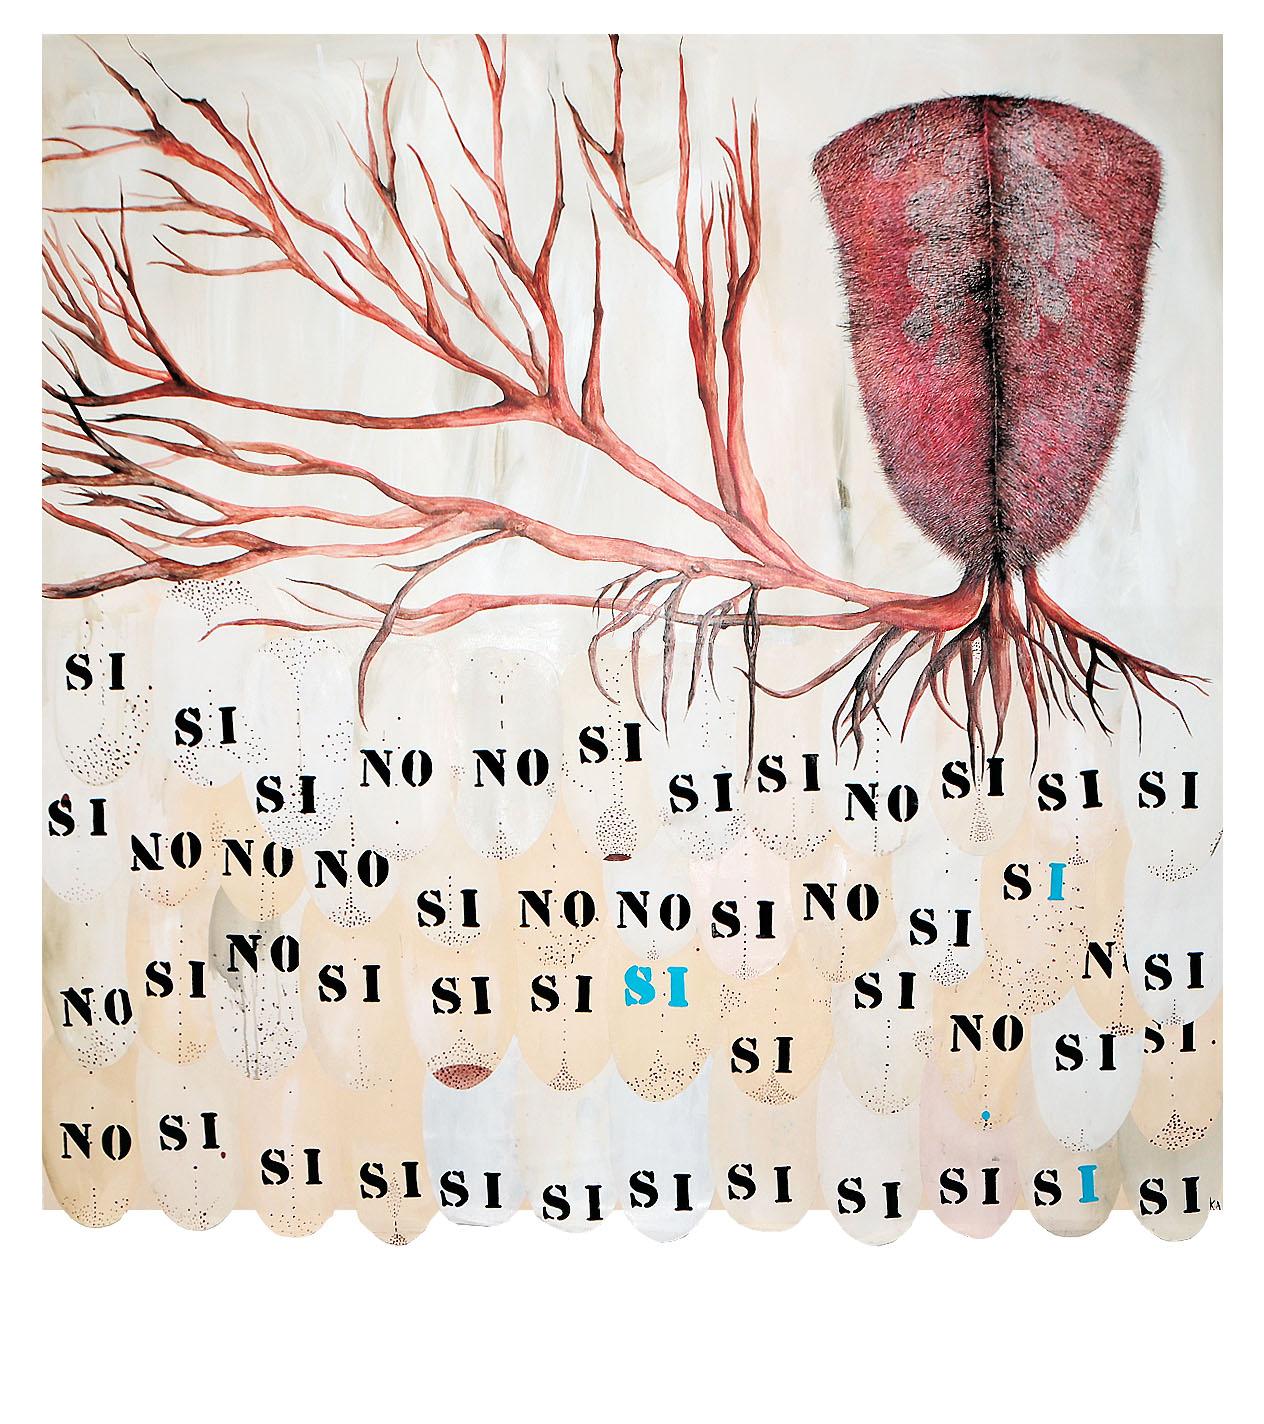 KAULIP ÁLVAREZ   Kaulip Álvarez es una artista que investiga mediante diversas disciplinas la implicación emocional del público con sus obras, por eso suele evocar situaciones, recuerdos, miedos, sueños y percepciones que nos atrapan en su onírico mundo. Su iconografía está impregnada de símbolos característicos y está realizada con imágenes luminosas y, aparentemente, inocuas aunque, como saben los lectores de cuentos, no todo es lo que parece.     view more...